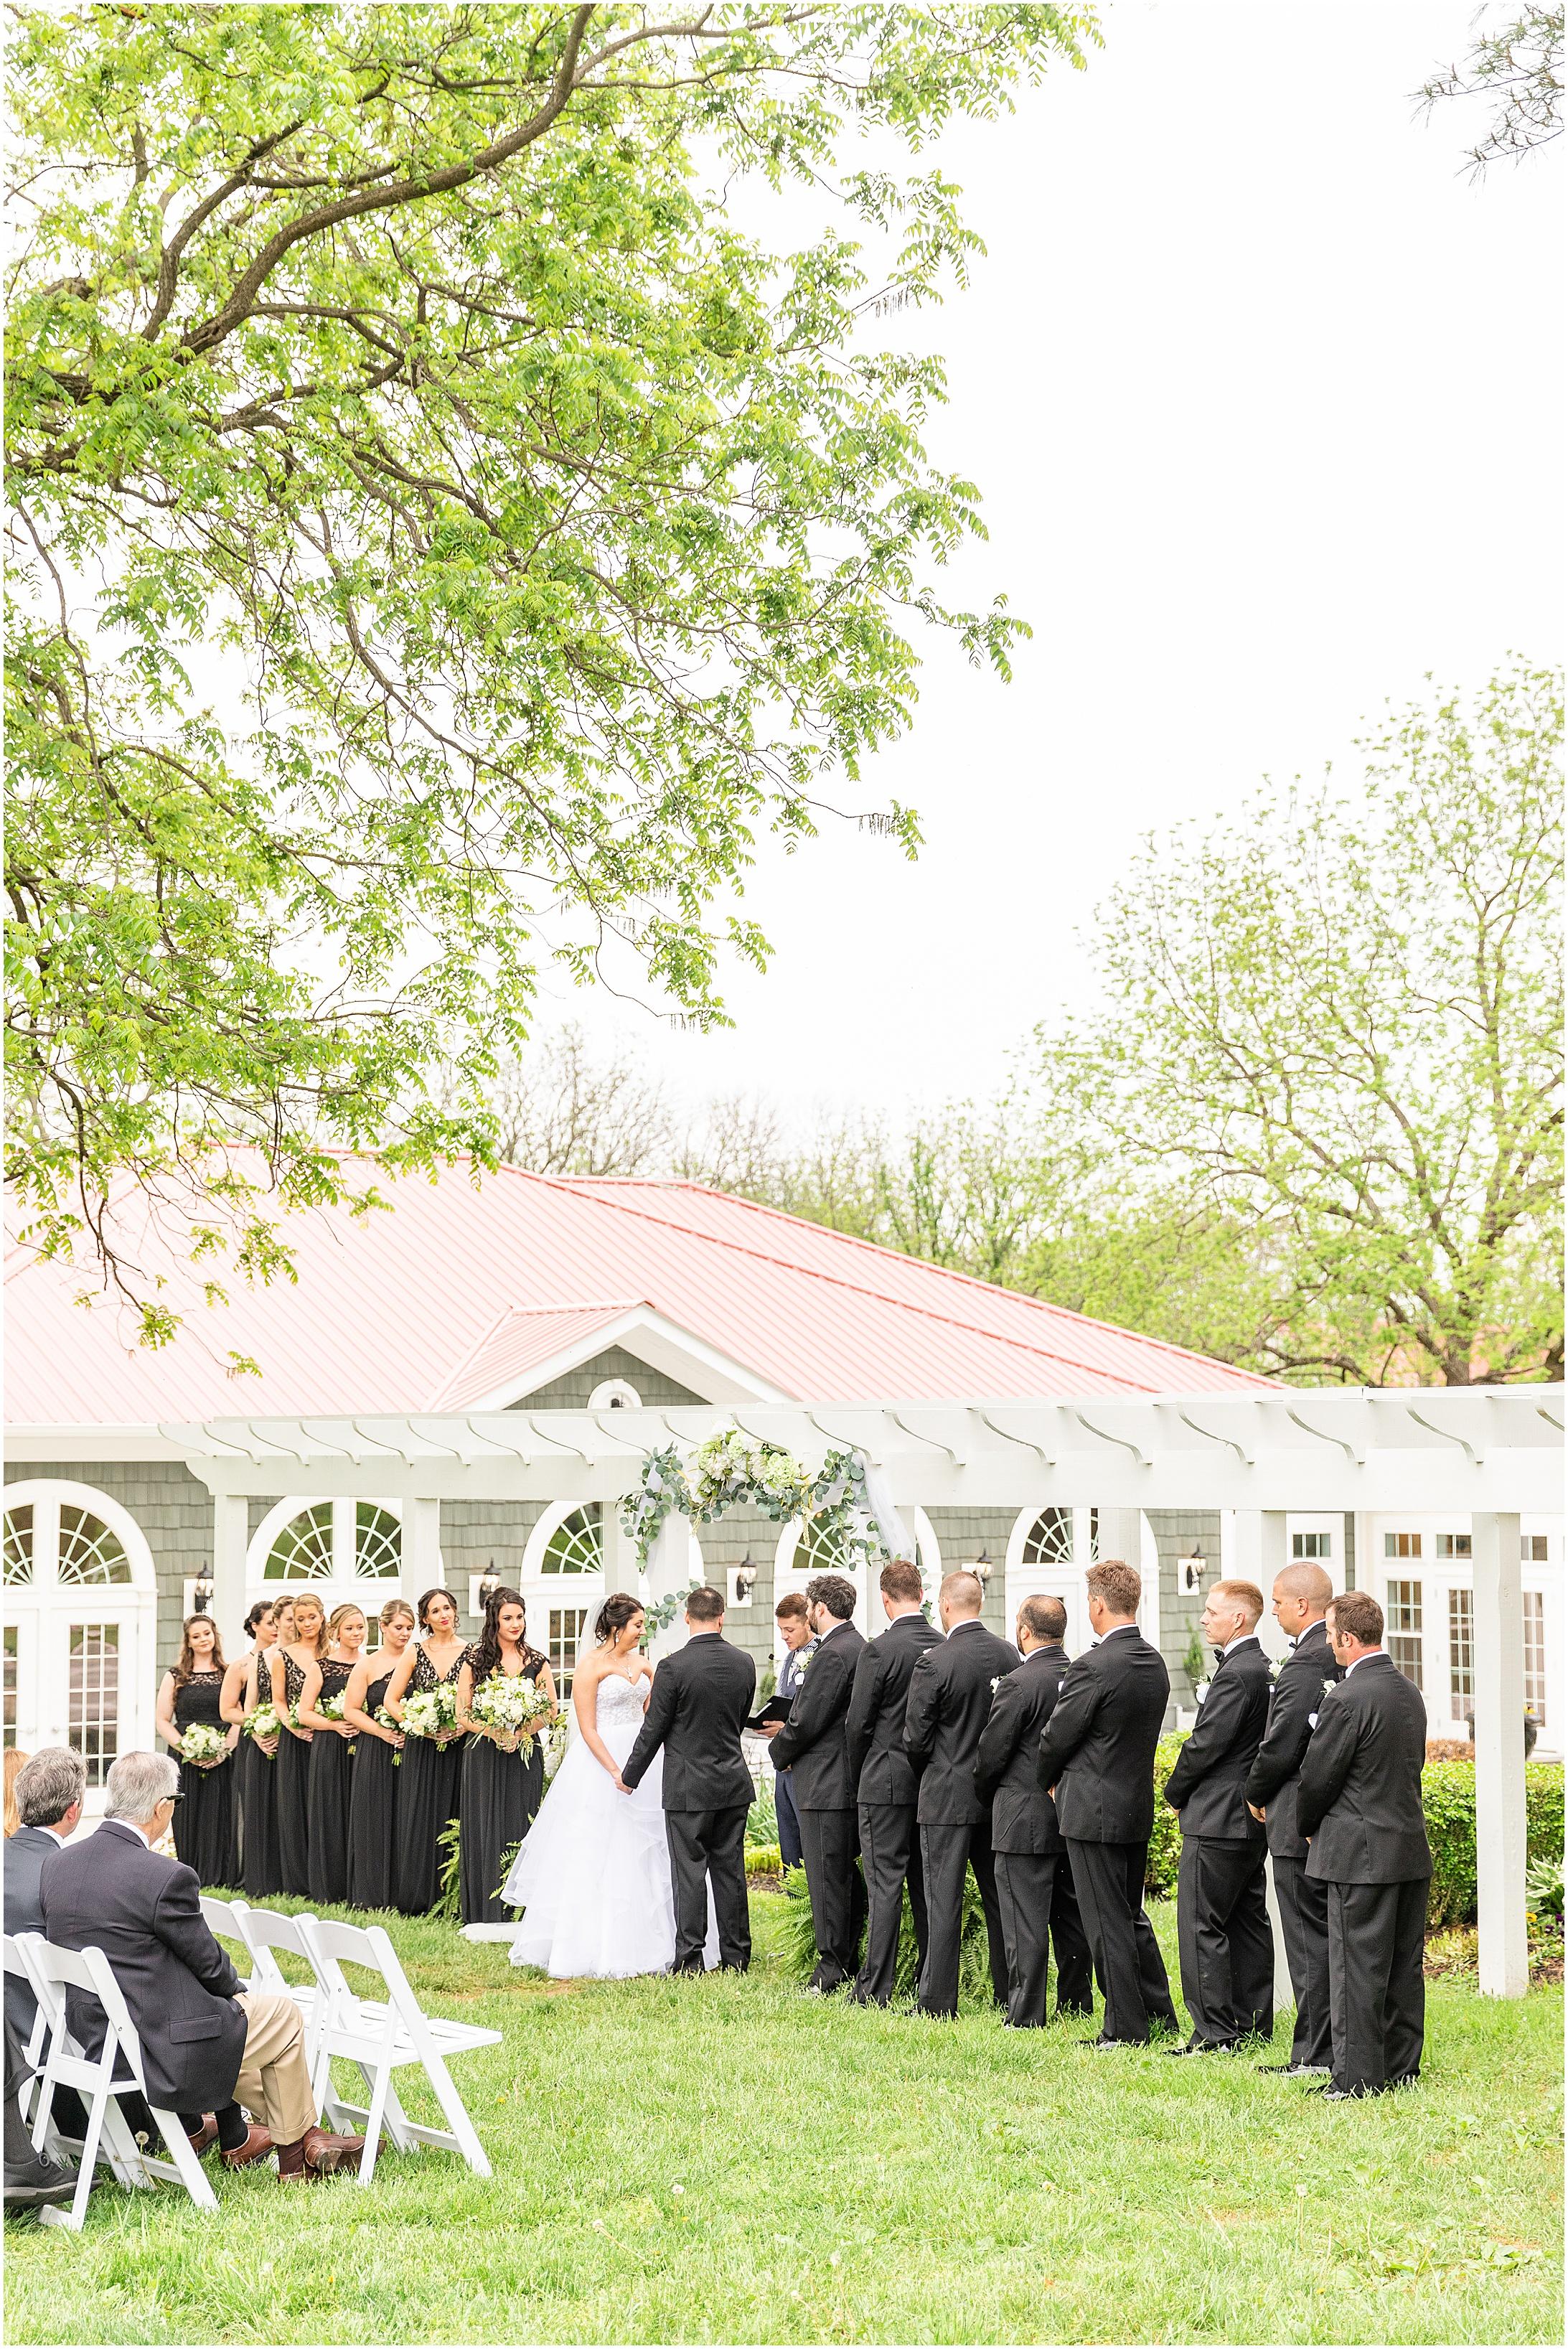 Stone-manor-country-club-wedding-photos-153.jpg